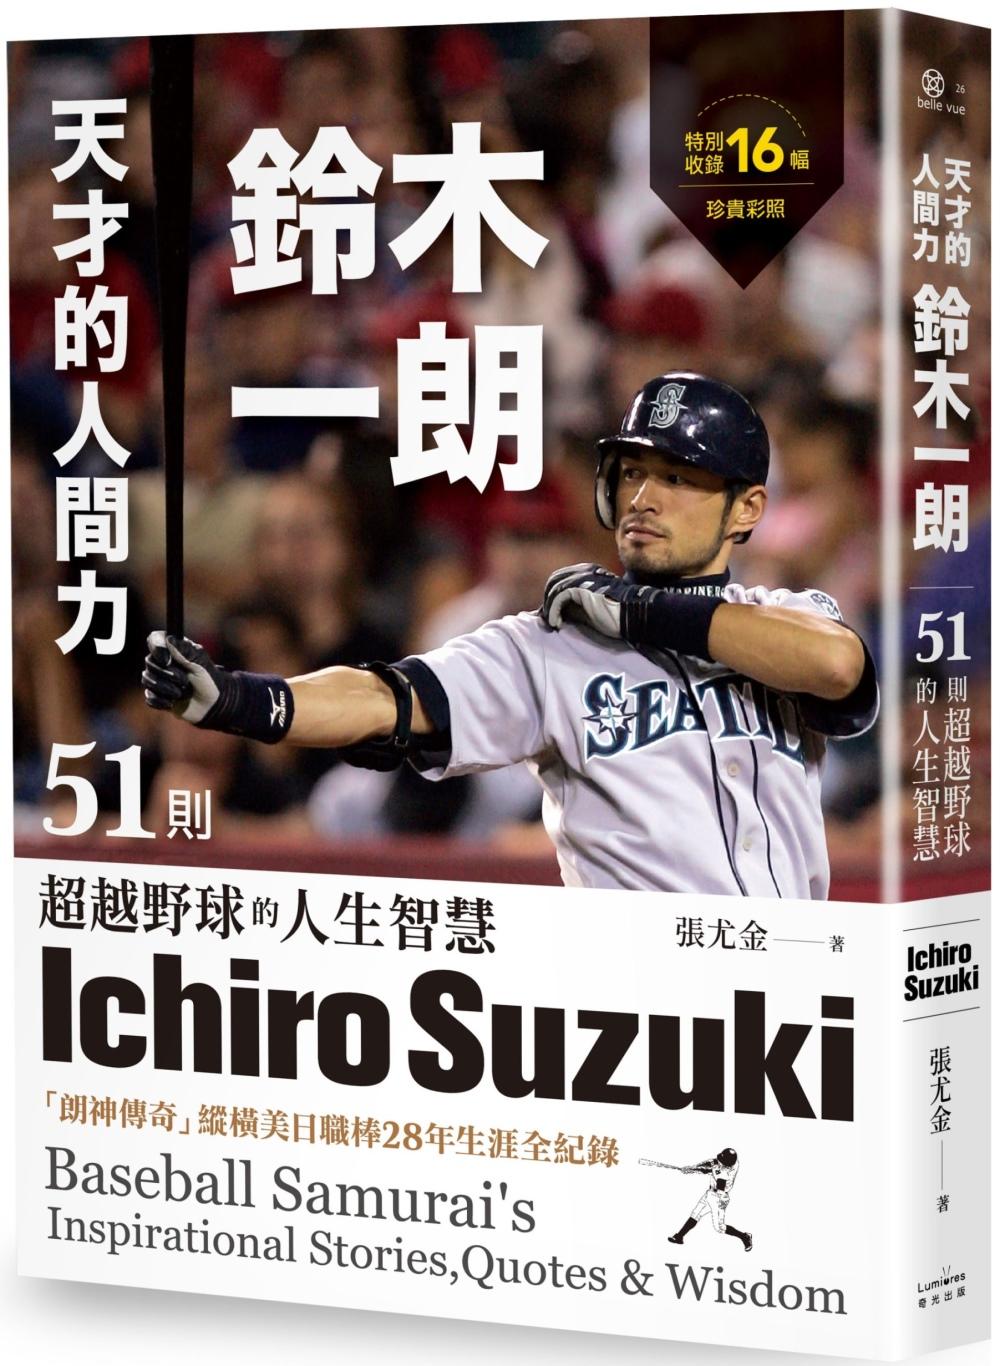 天才的人間力,鈴木一朗:51則超越野球的人生智慧